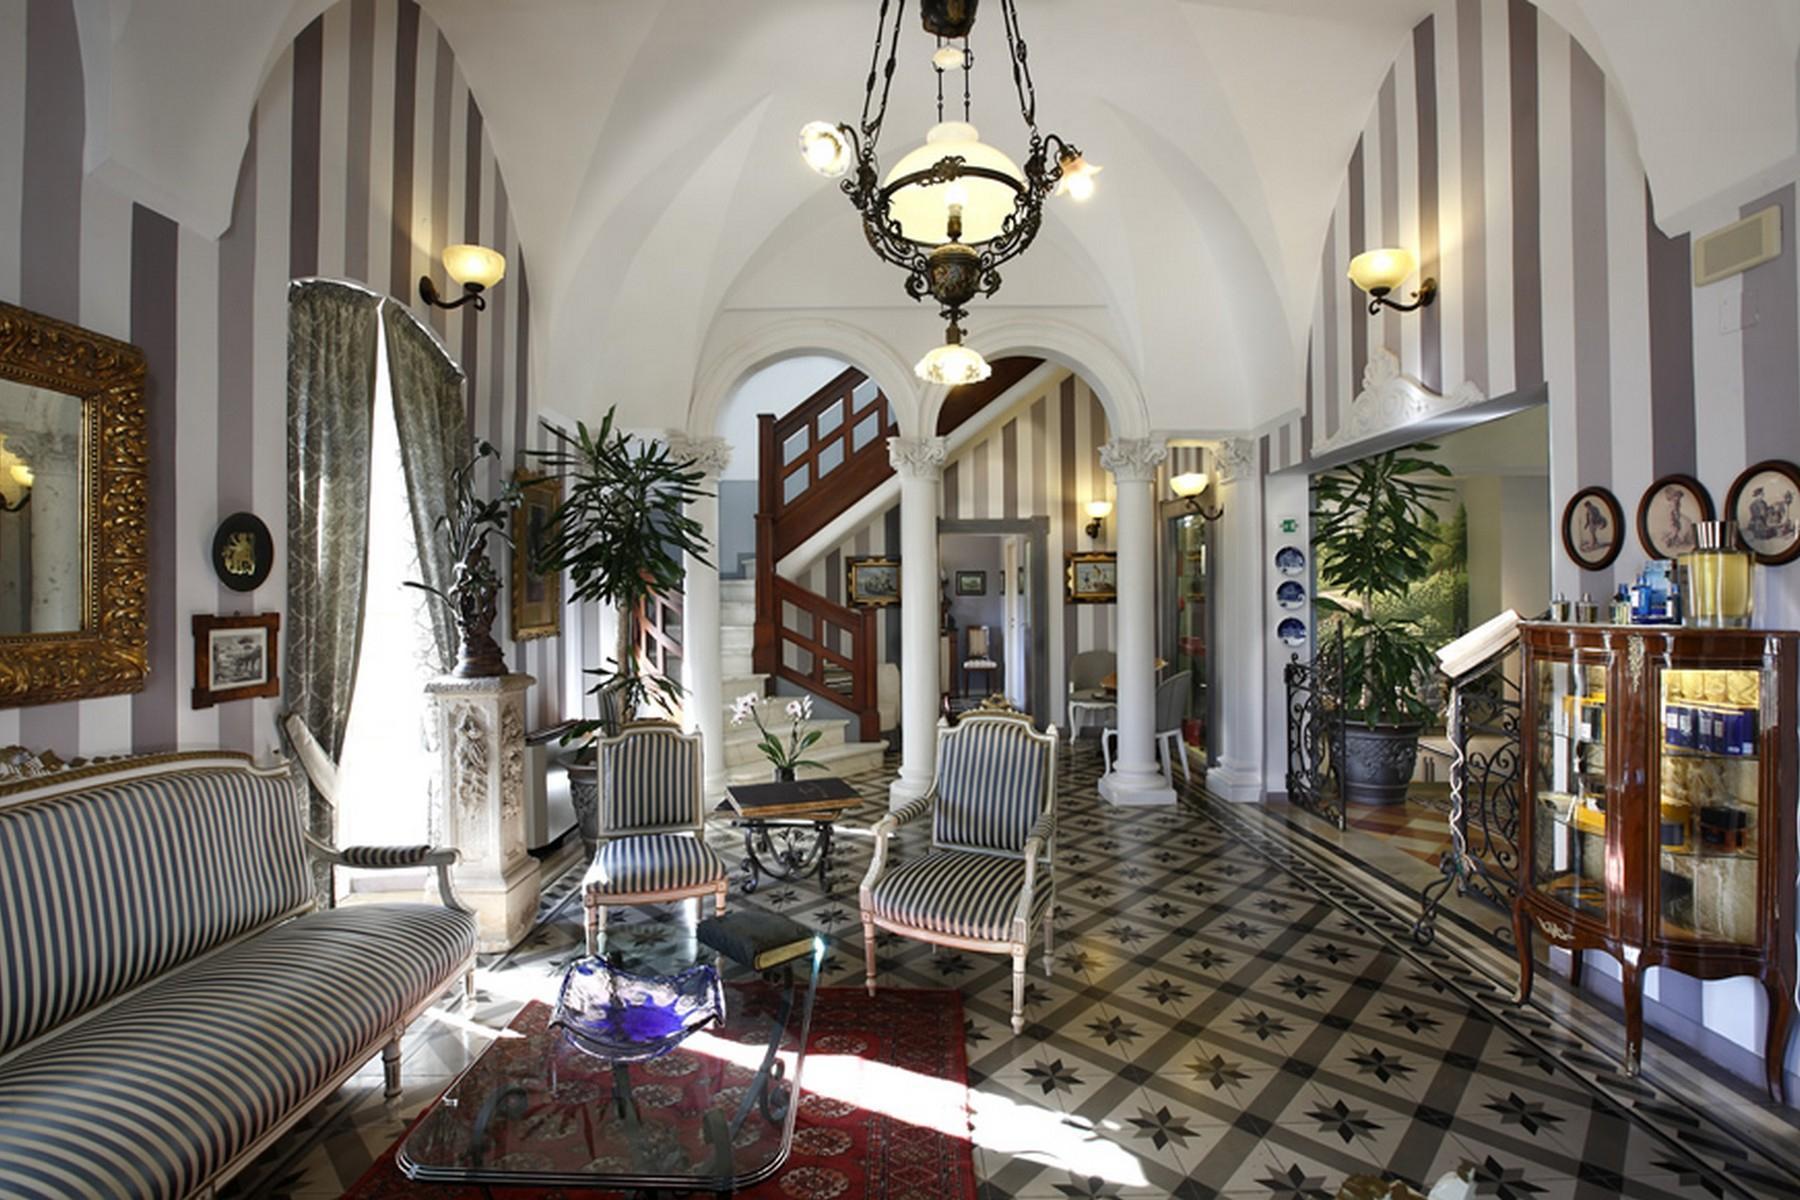 Bellissima residenza nobiliare con giardino e piscina - 4